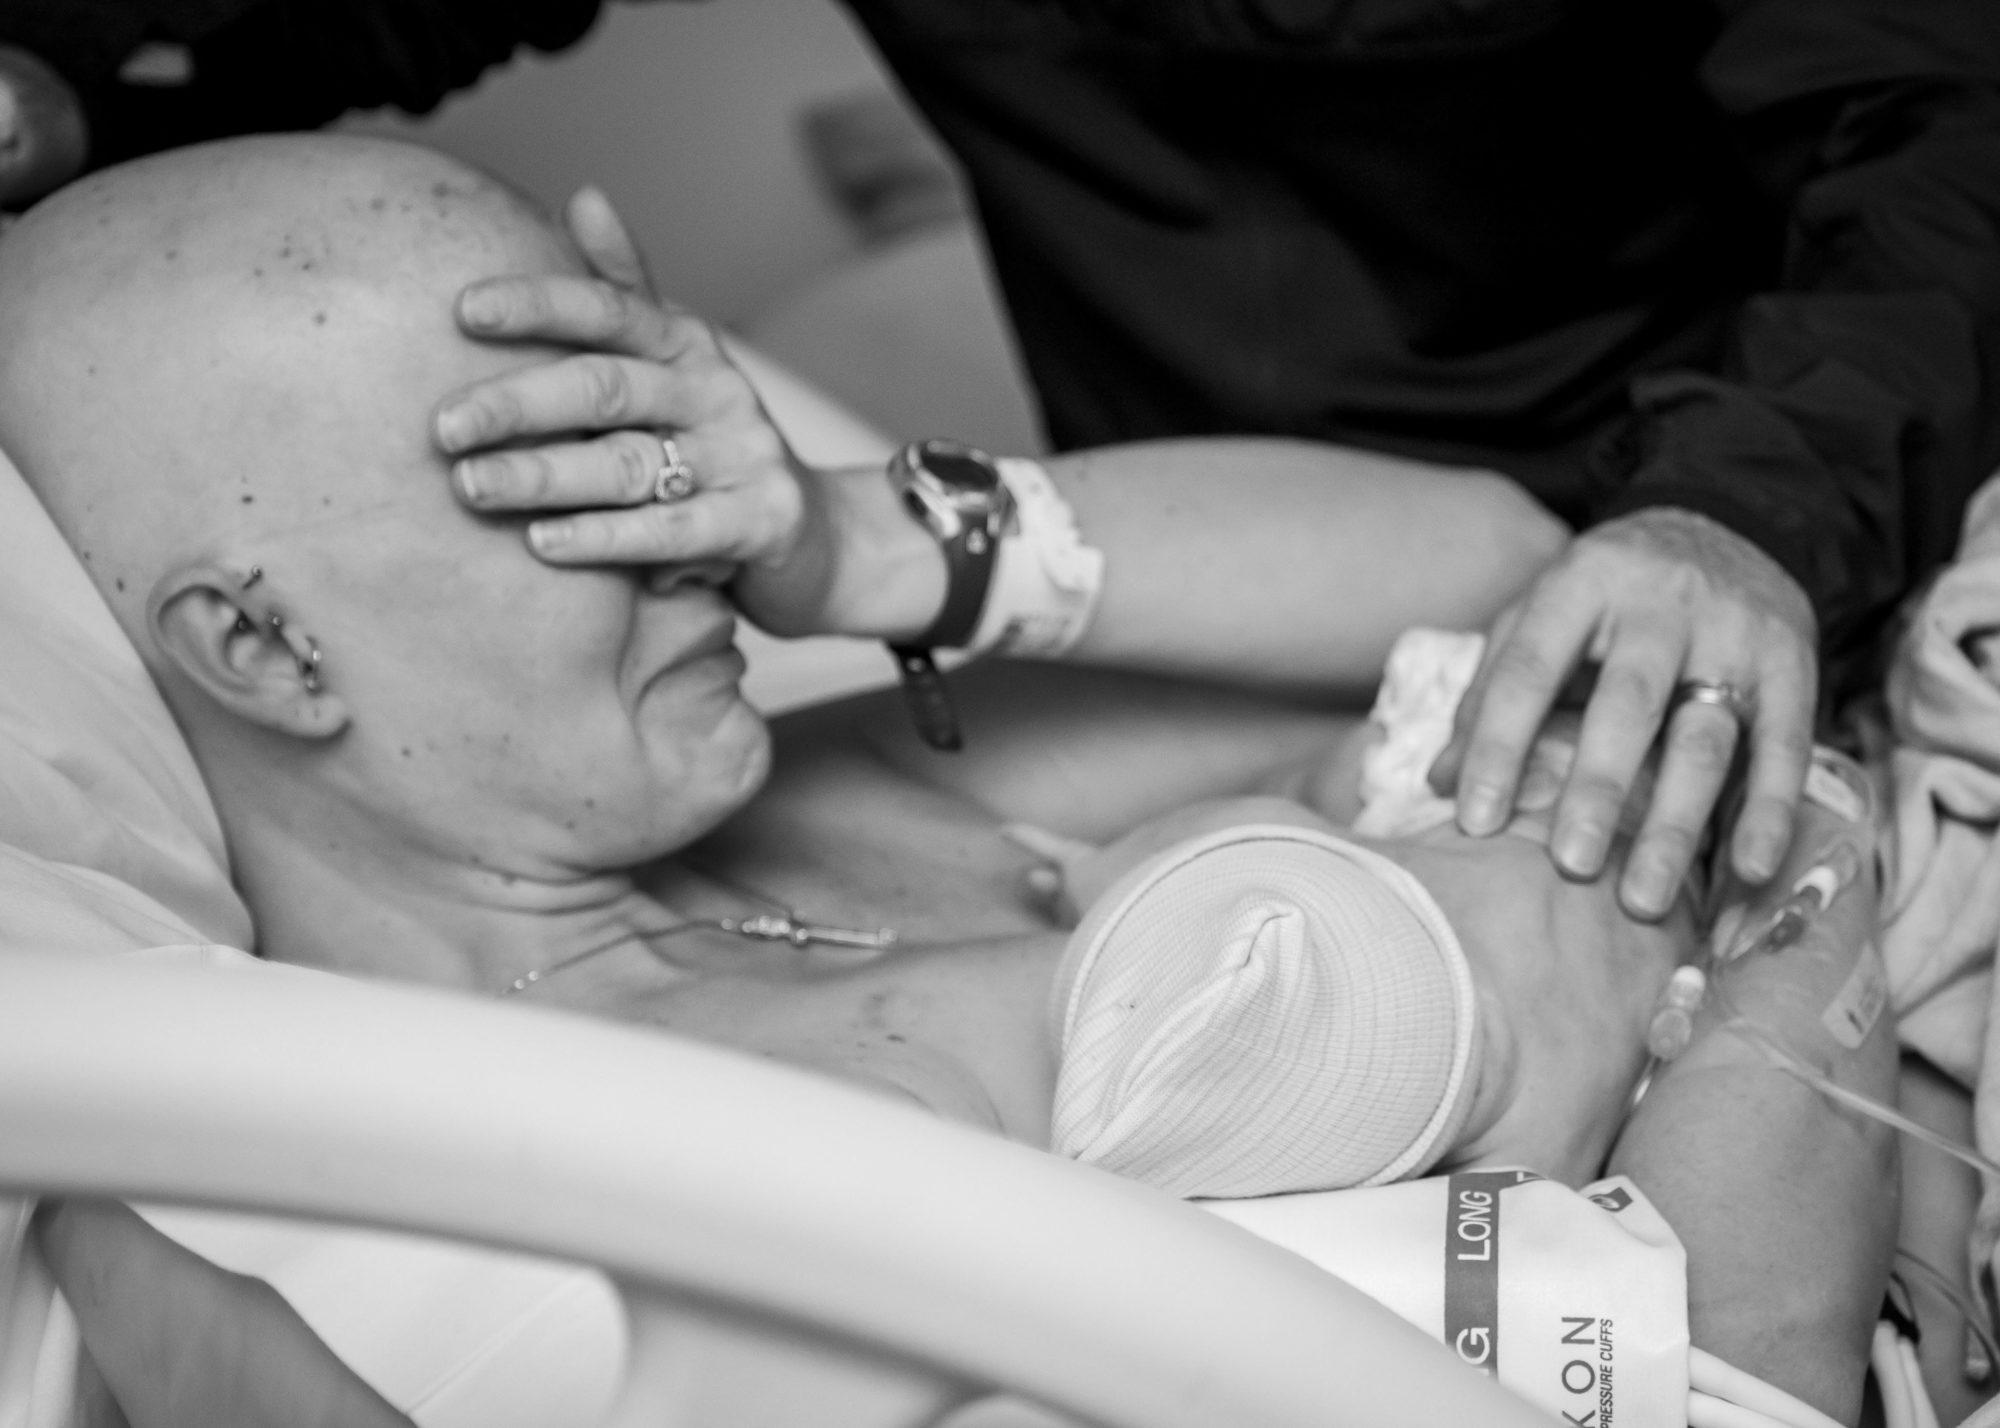 醫生警告:別對患者說祝你「打敗癌症」 講了竟會「提高死亡率」